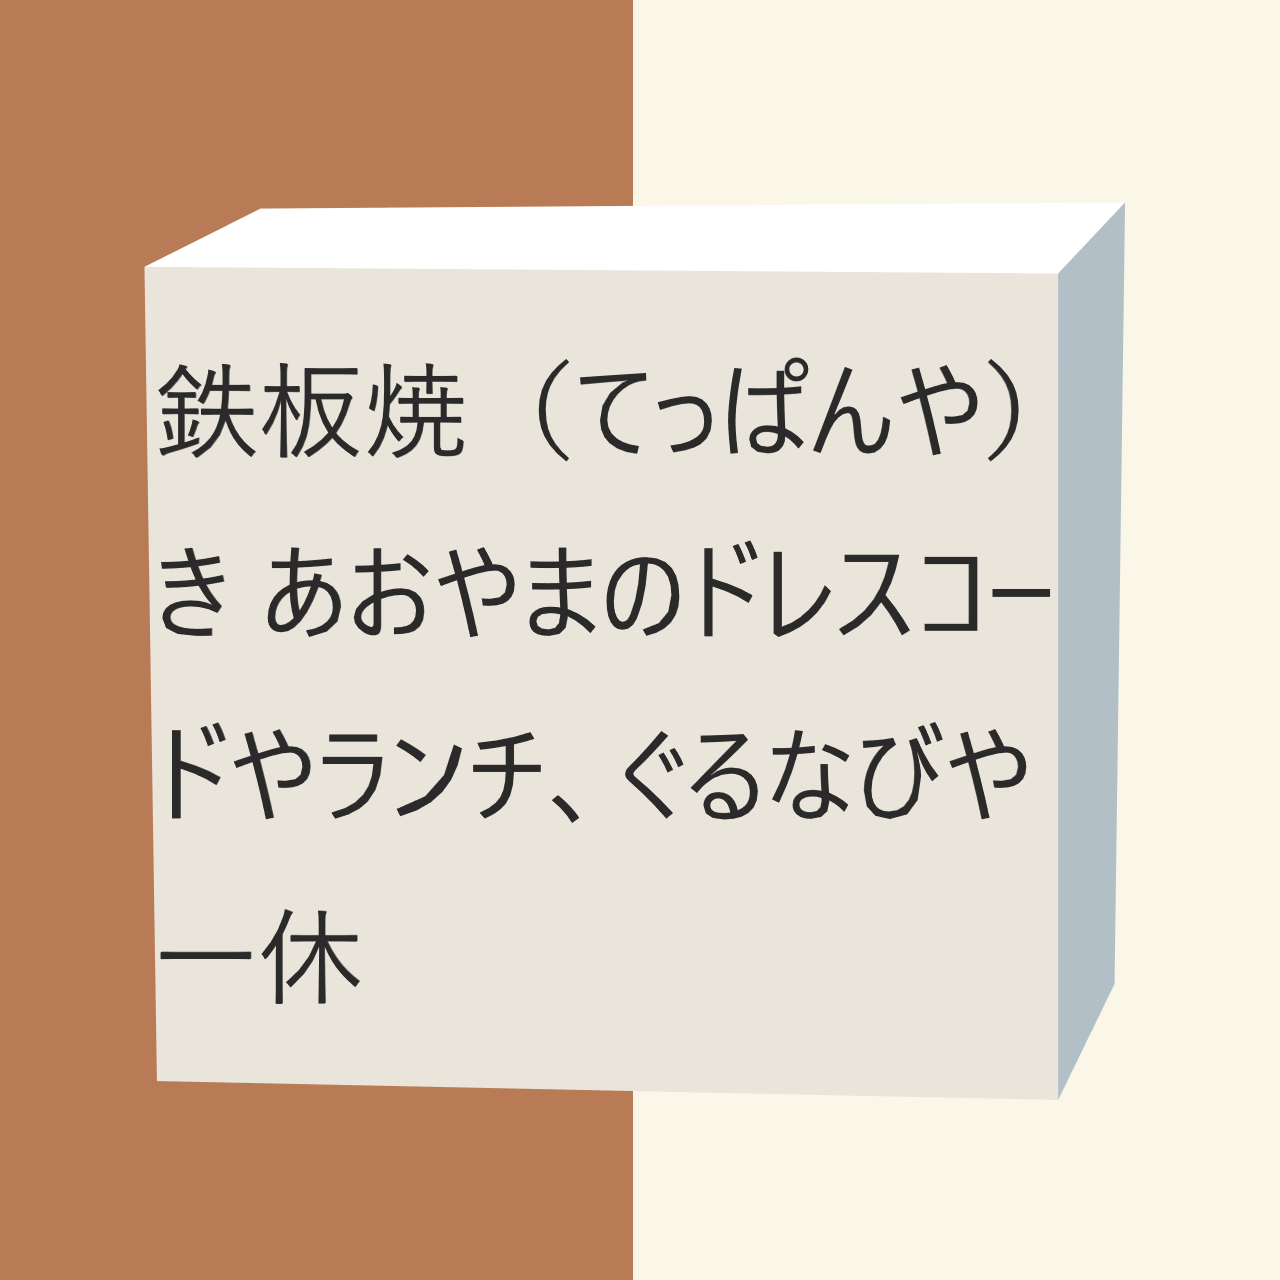 東京都港区(とうきょうとみなと)の六本木にある鉄板焼(てっぱんや)き あおやまのドレスコードやランチ営業時間(えいぎょうじかん)、食事(しょくじ)や外食、ぐるなびや一休、食べログの評判(ひょうばん)や口コミ、個室(こしつ)の価格(かかく)、ビールなどアルコールドリンクやチーズ、おやつや味噌汁(みそしる)、テイクアウトメニューや住所(じゅうしょ)、予約(よやく)や求人(きゅうじん)、とは?にかかる画像(がぞう)